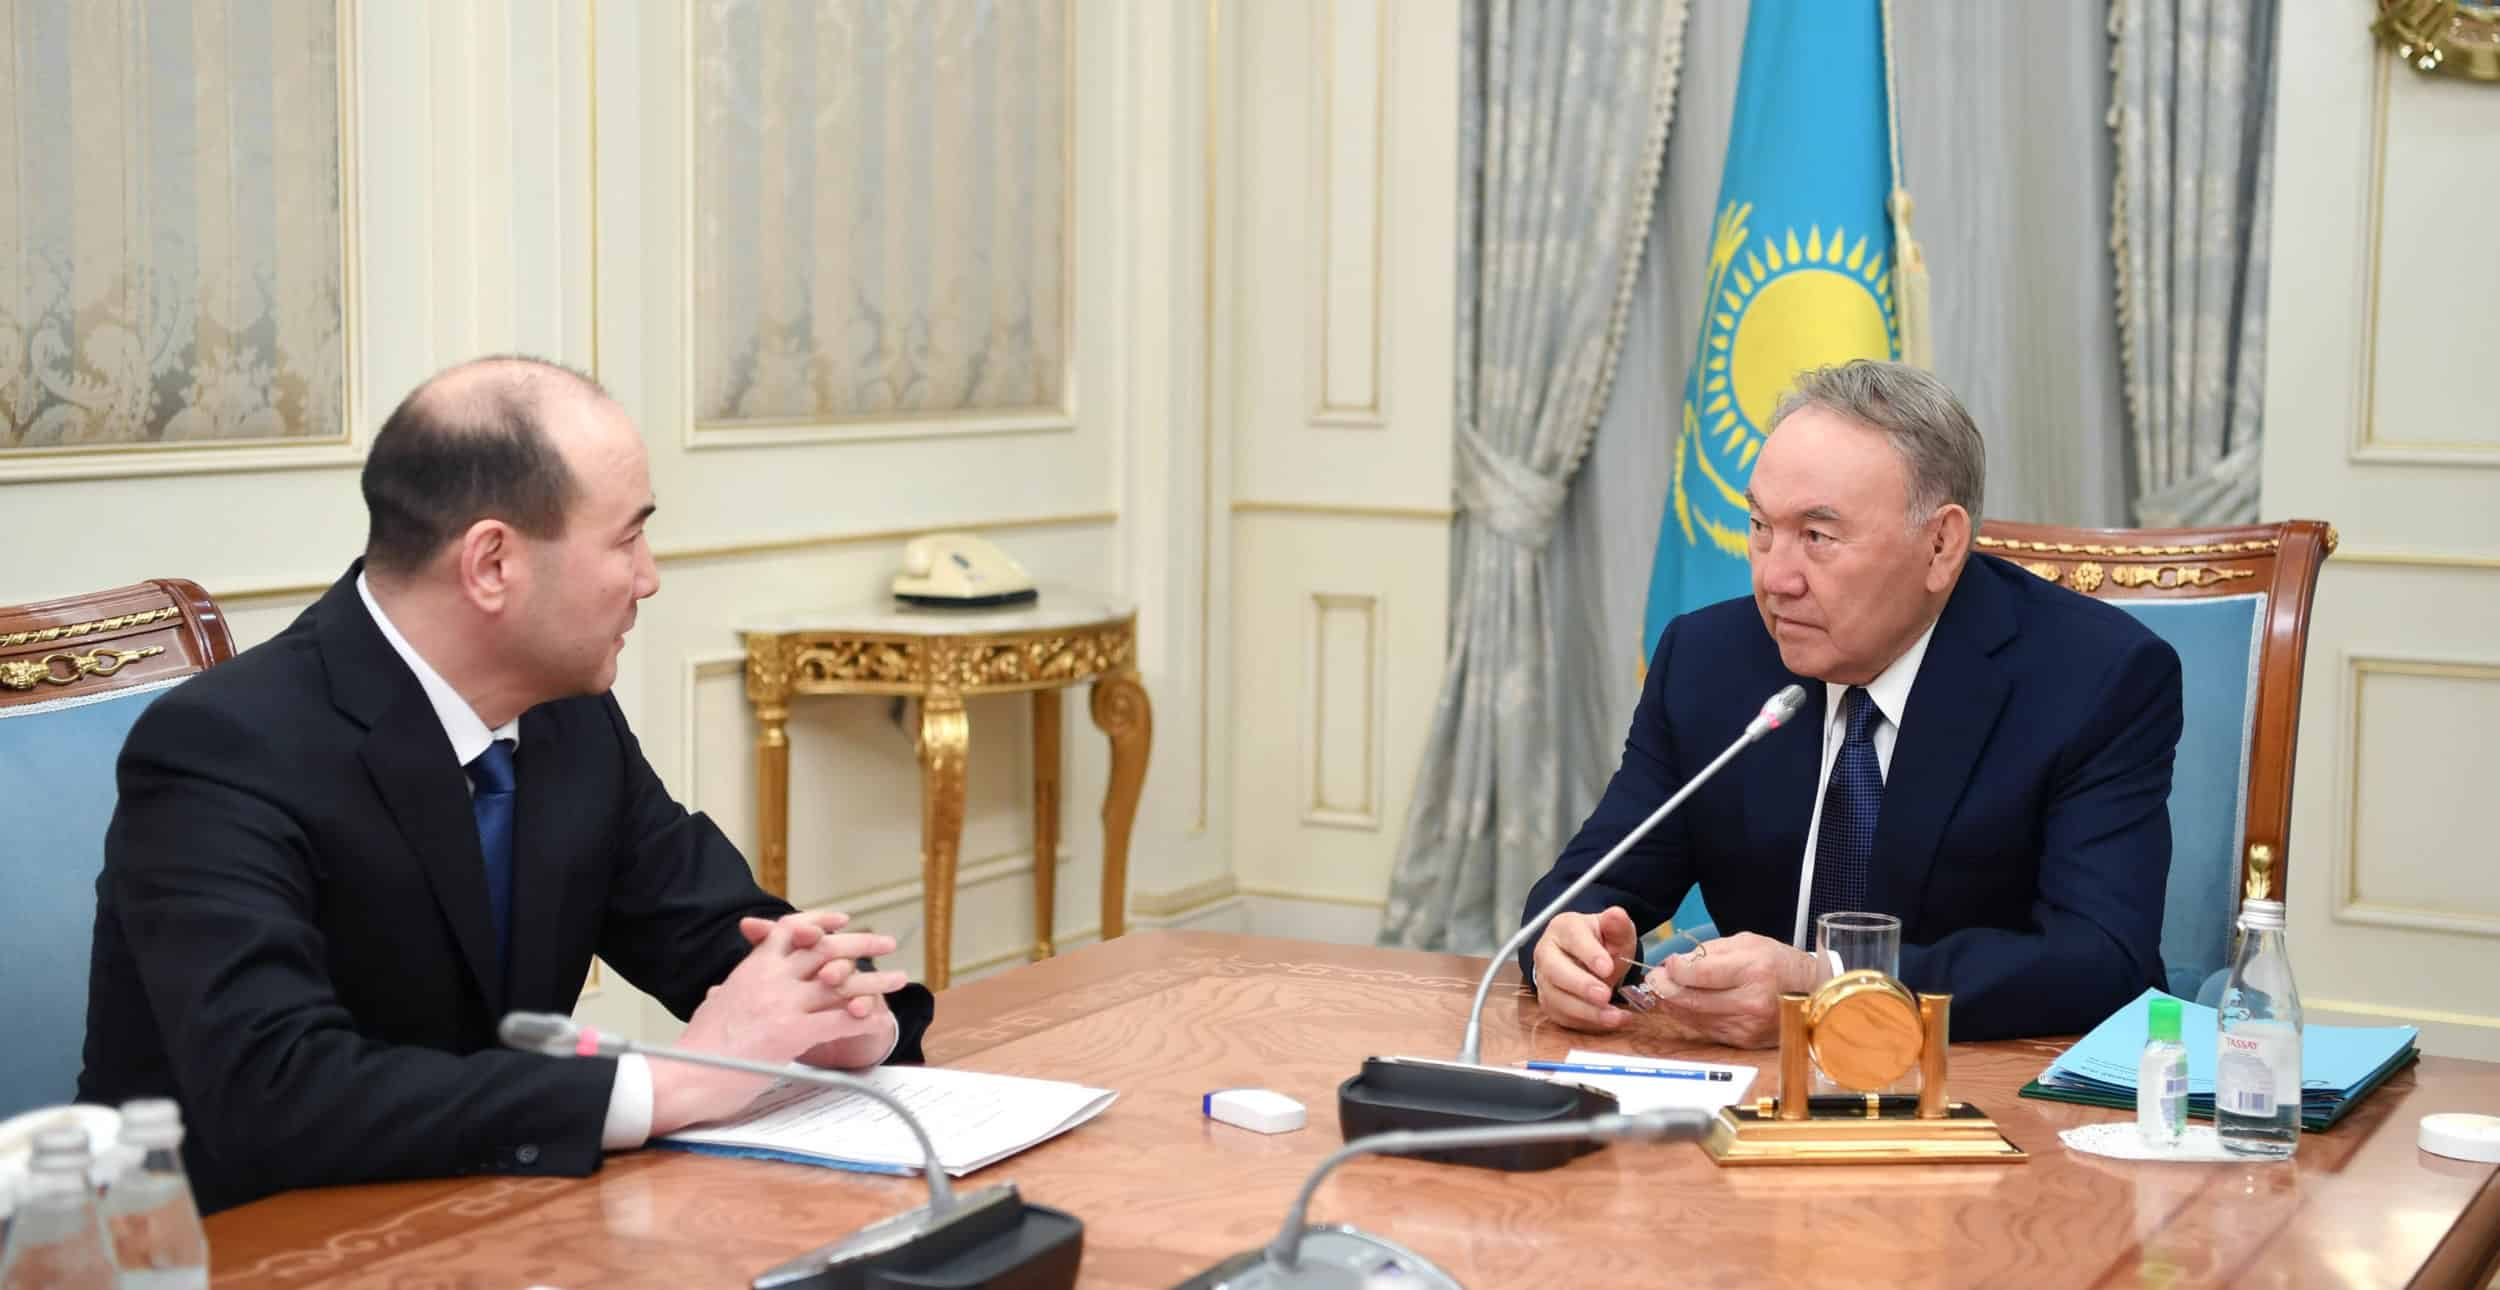 Нұрсұлтан Назарбаев Бас прокурор Ғизат Нұрдәулетовті қабылдады